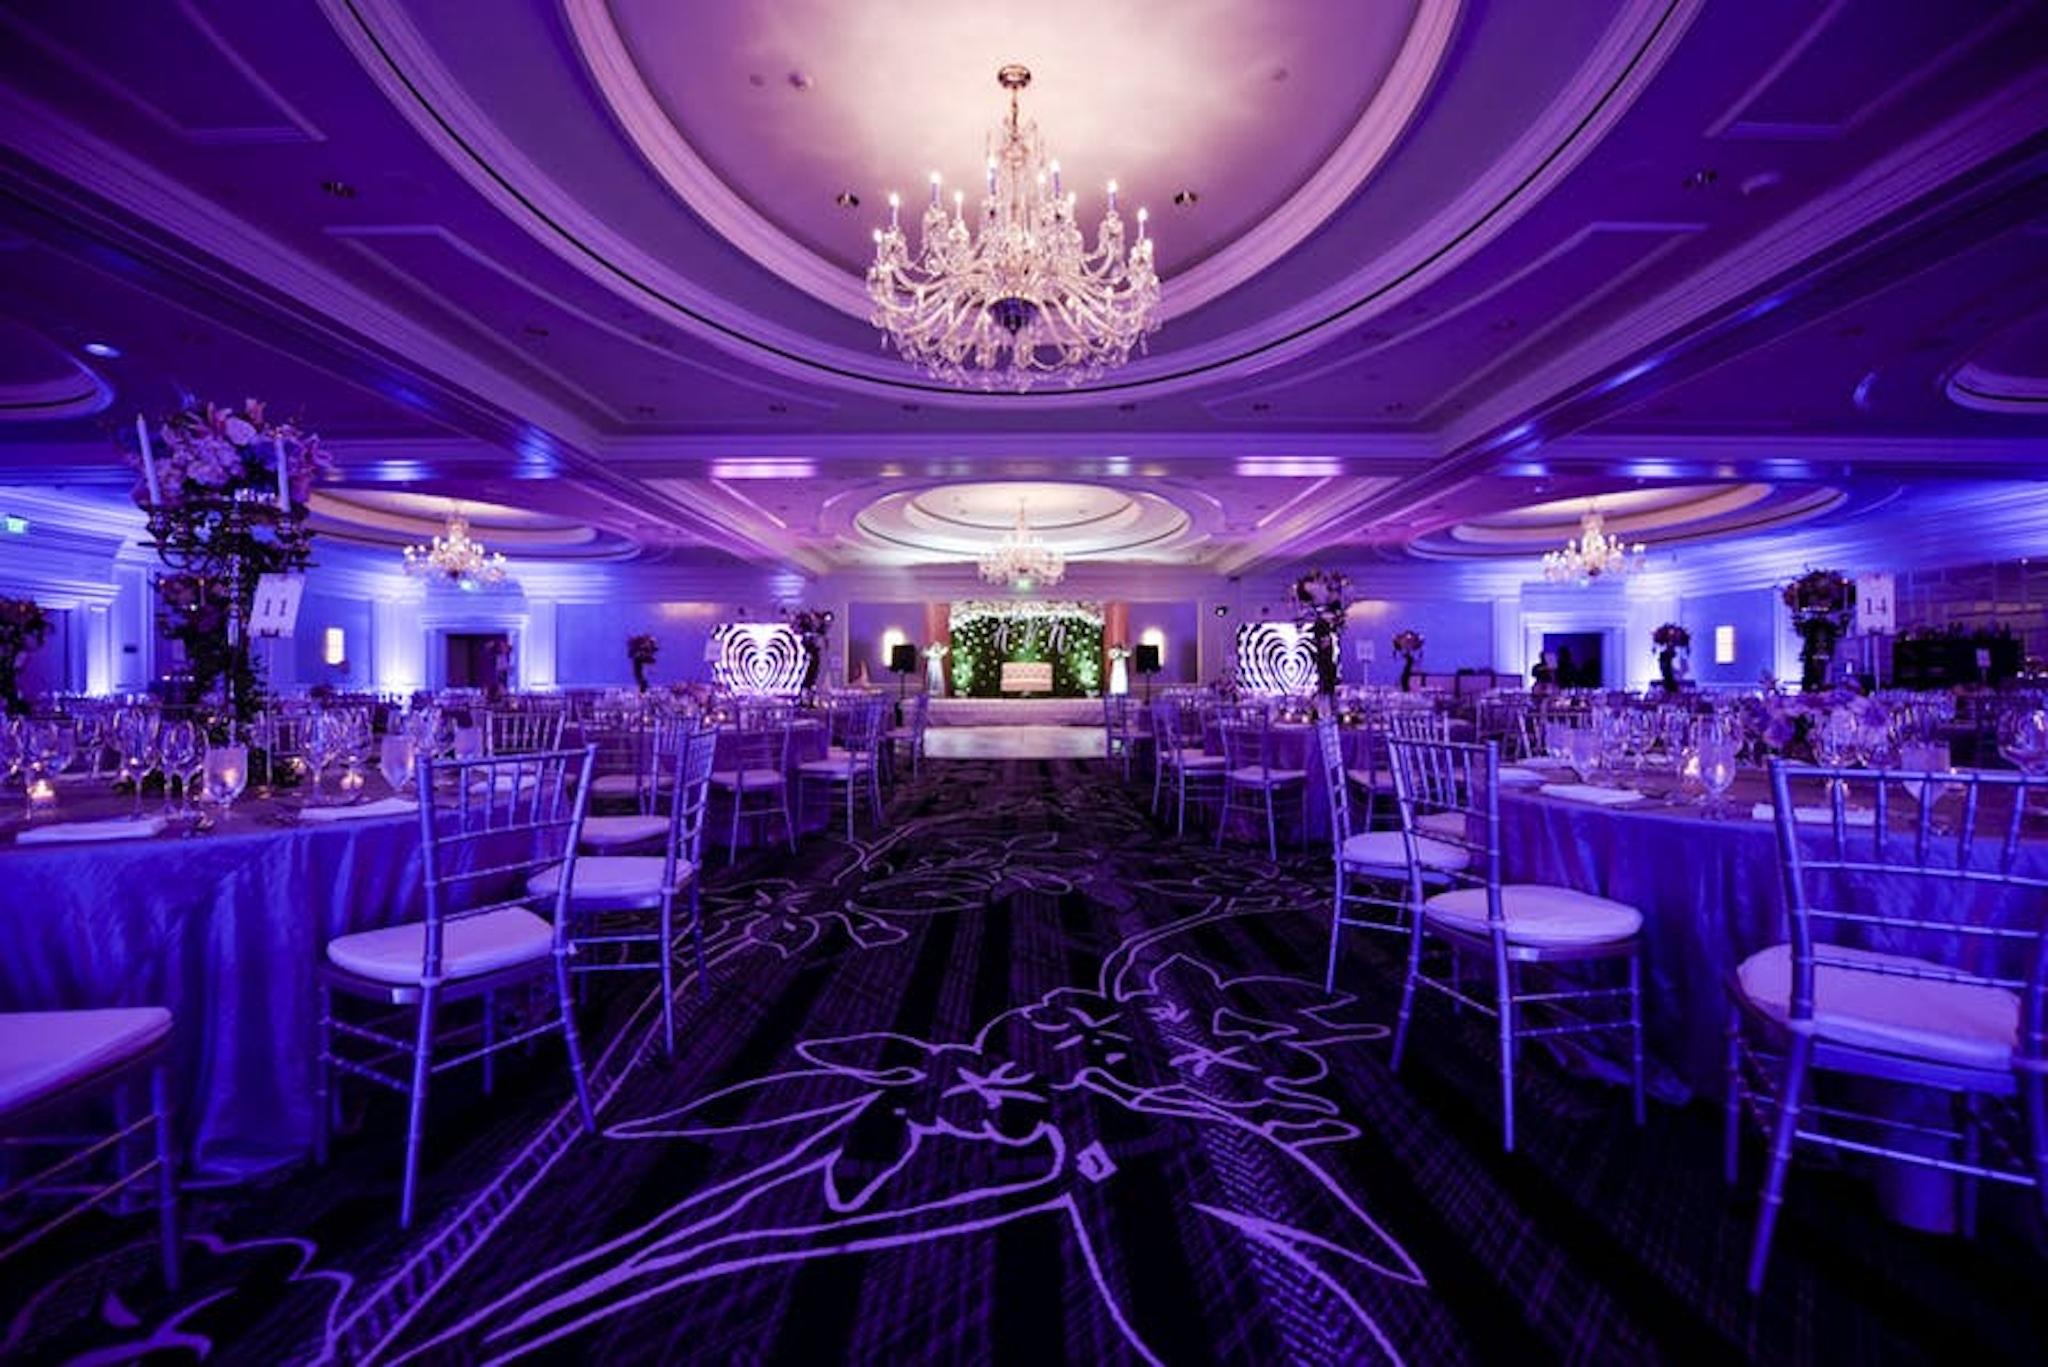 The Ritz-Carlton San Francisco ballroom